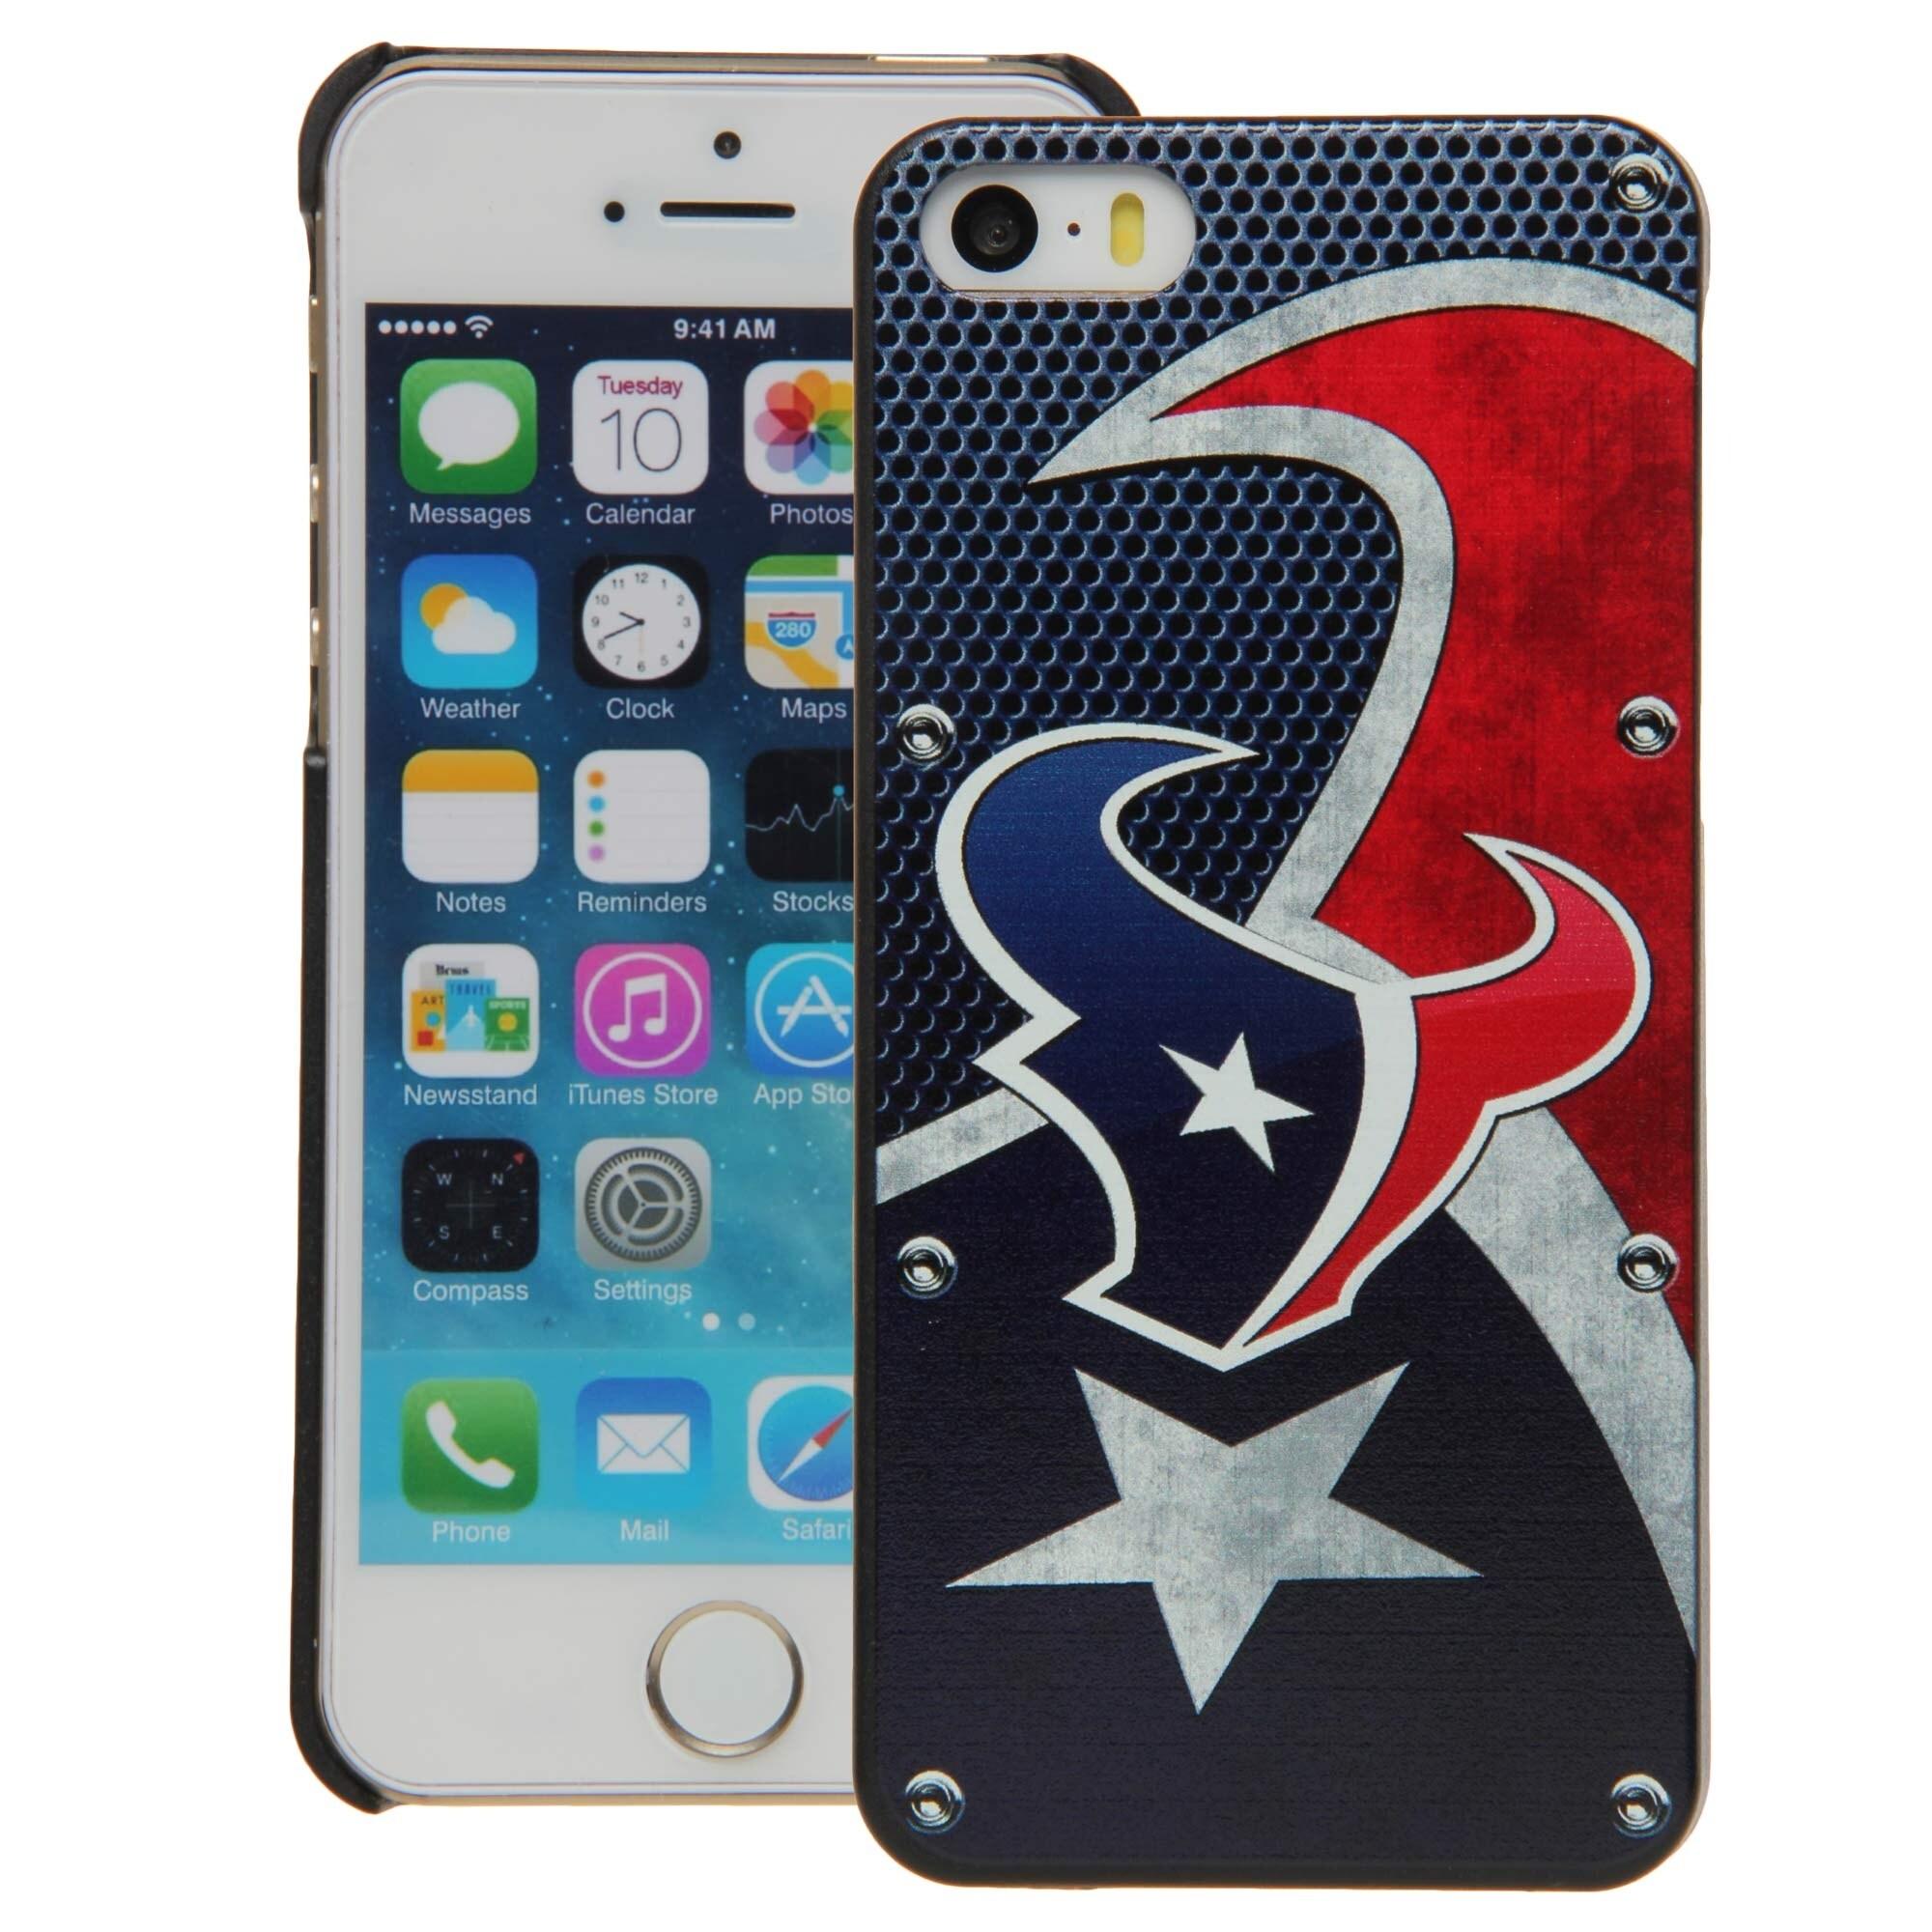 Houston Texans iPhone 5 Hard Case ----